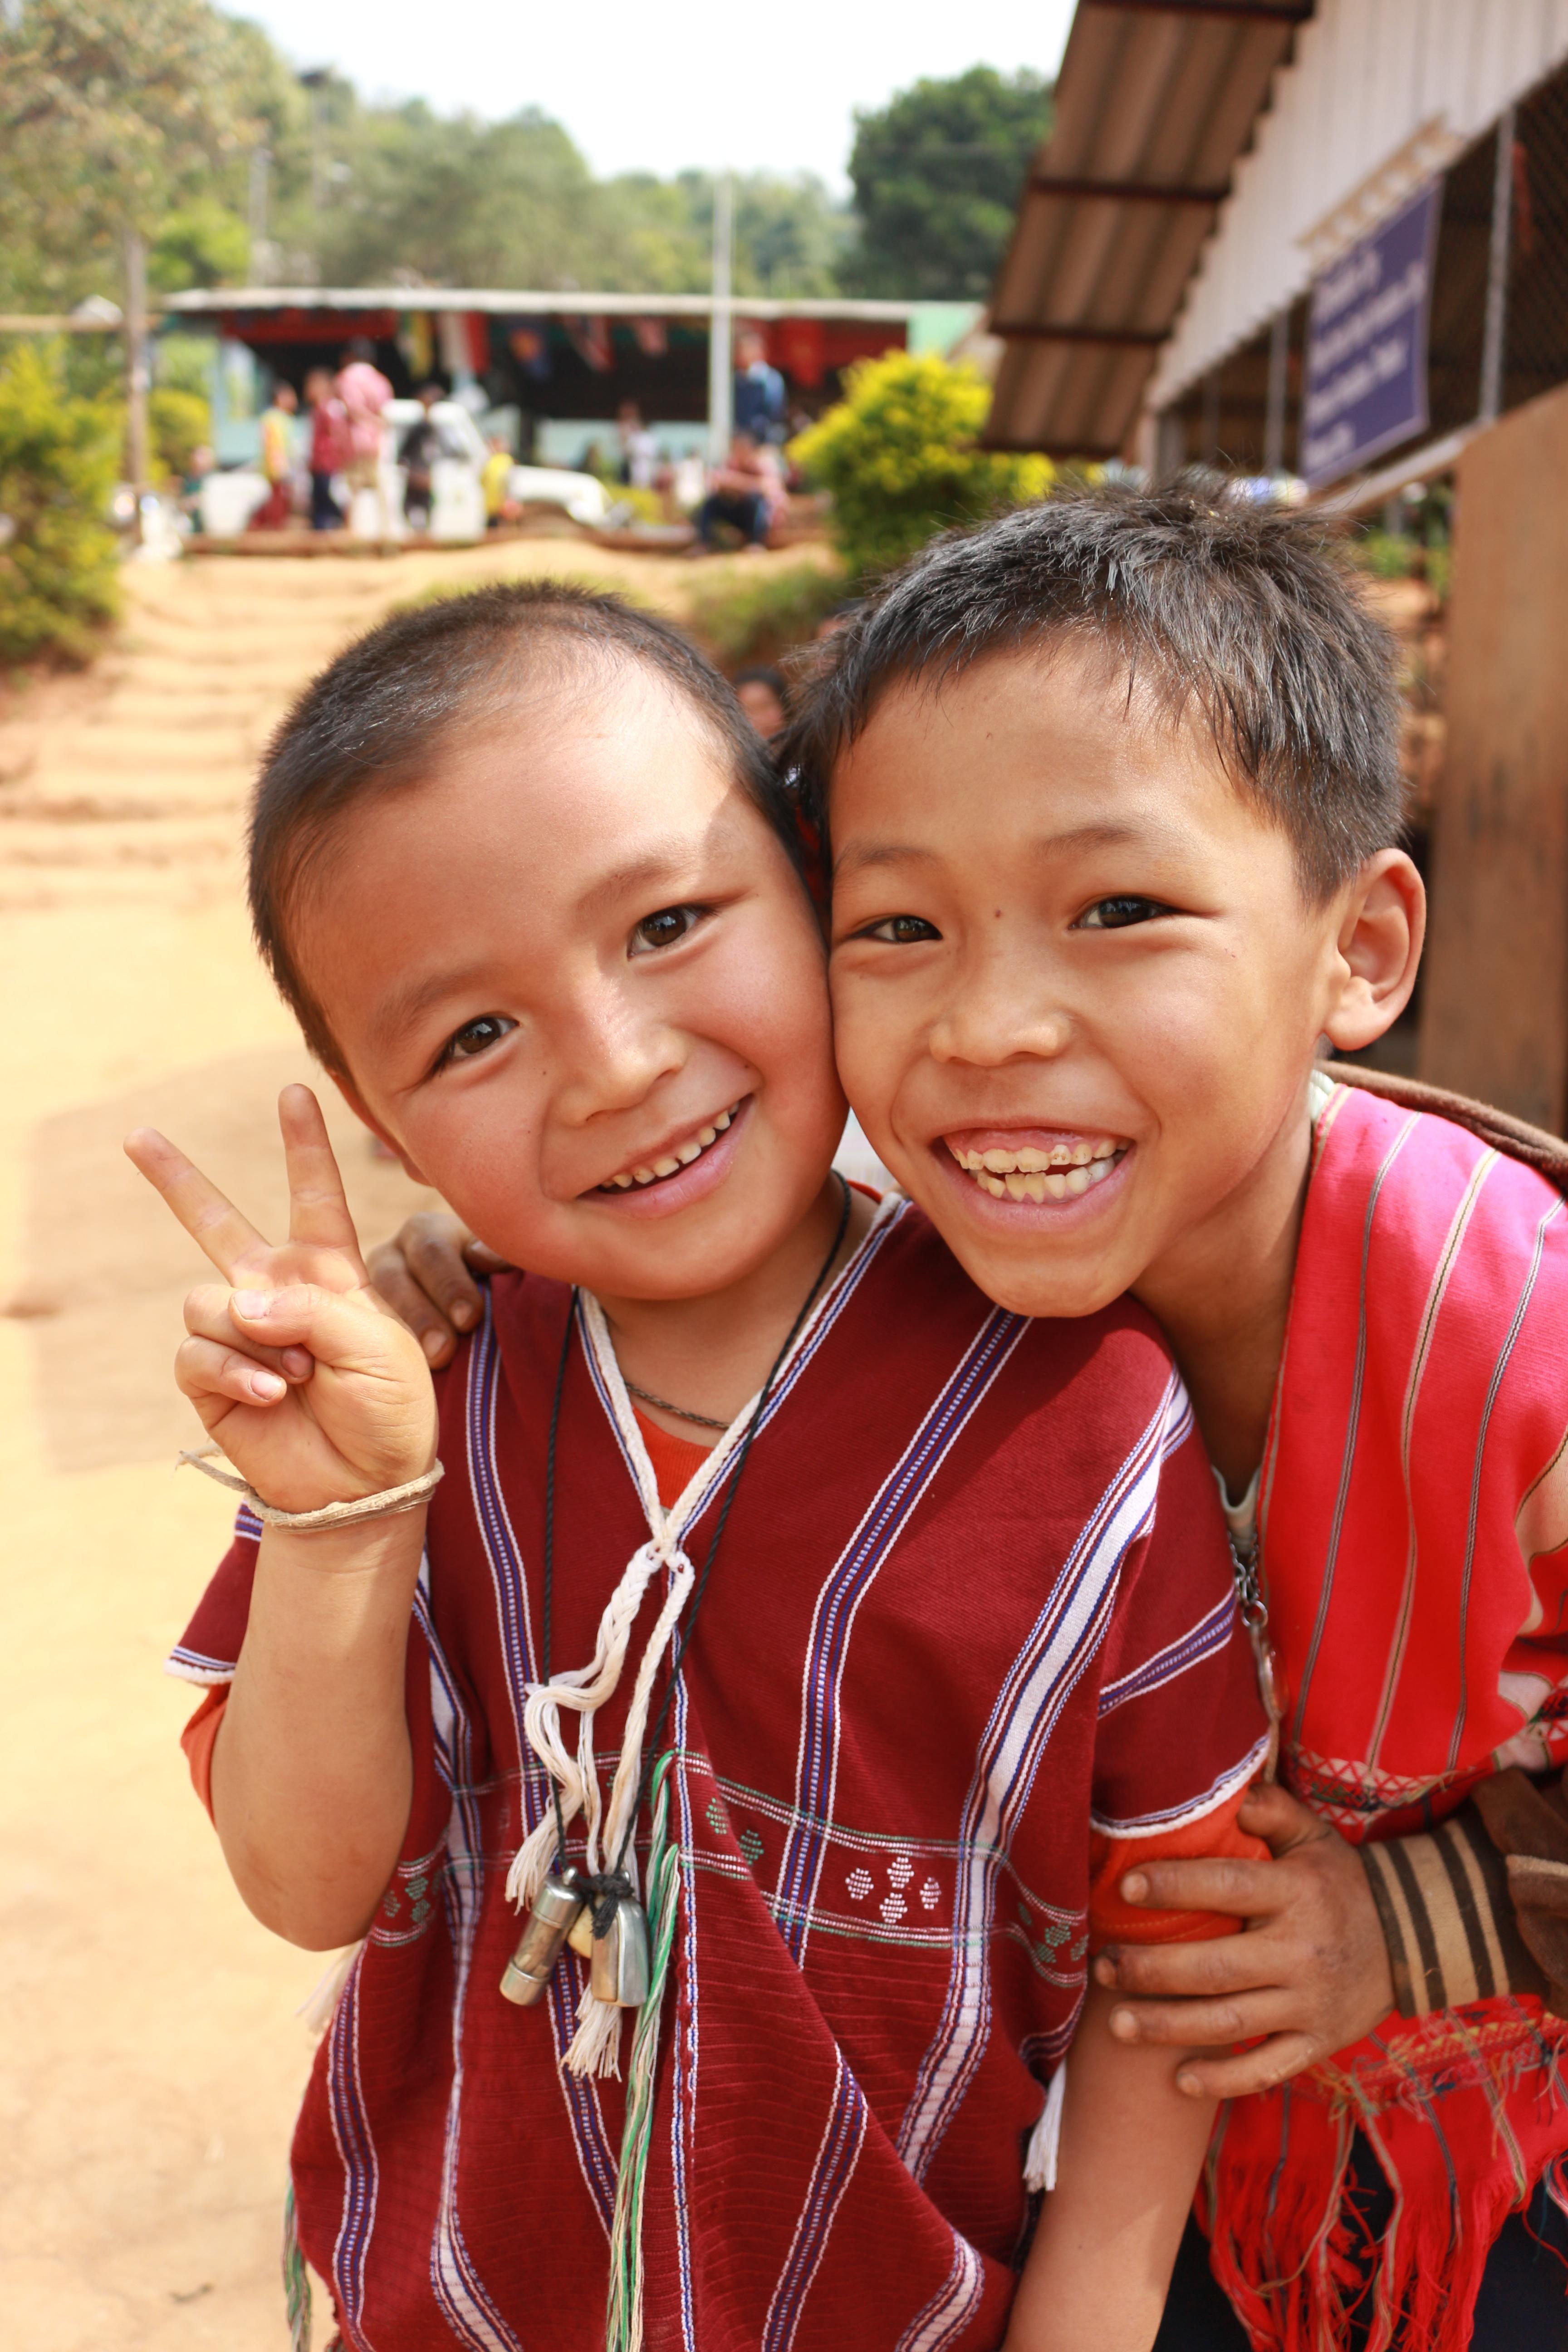 Фото людей или детей